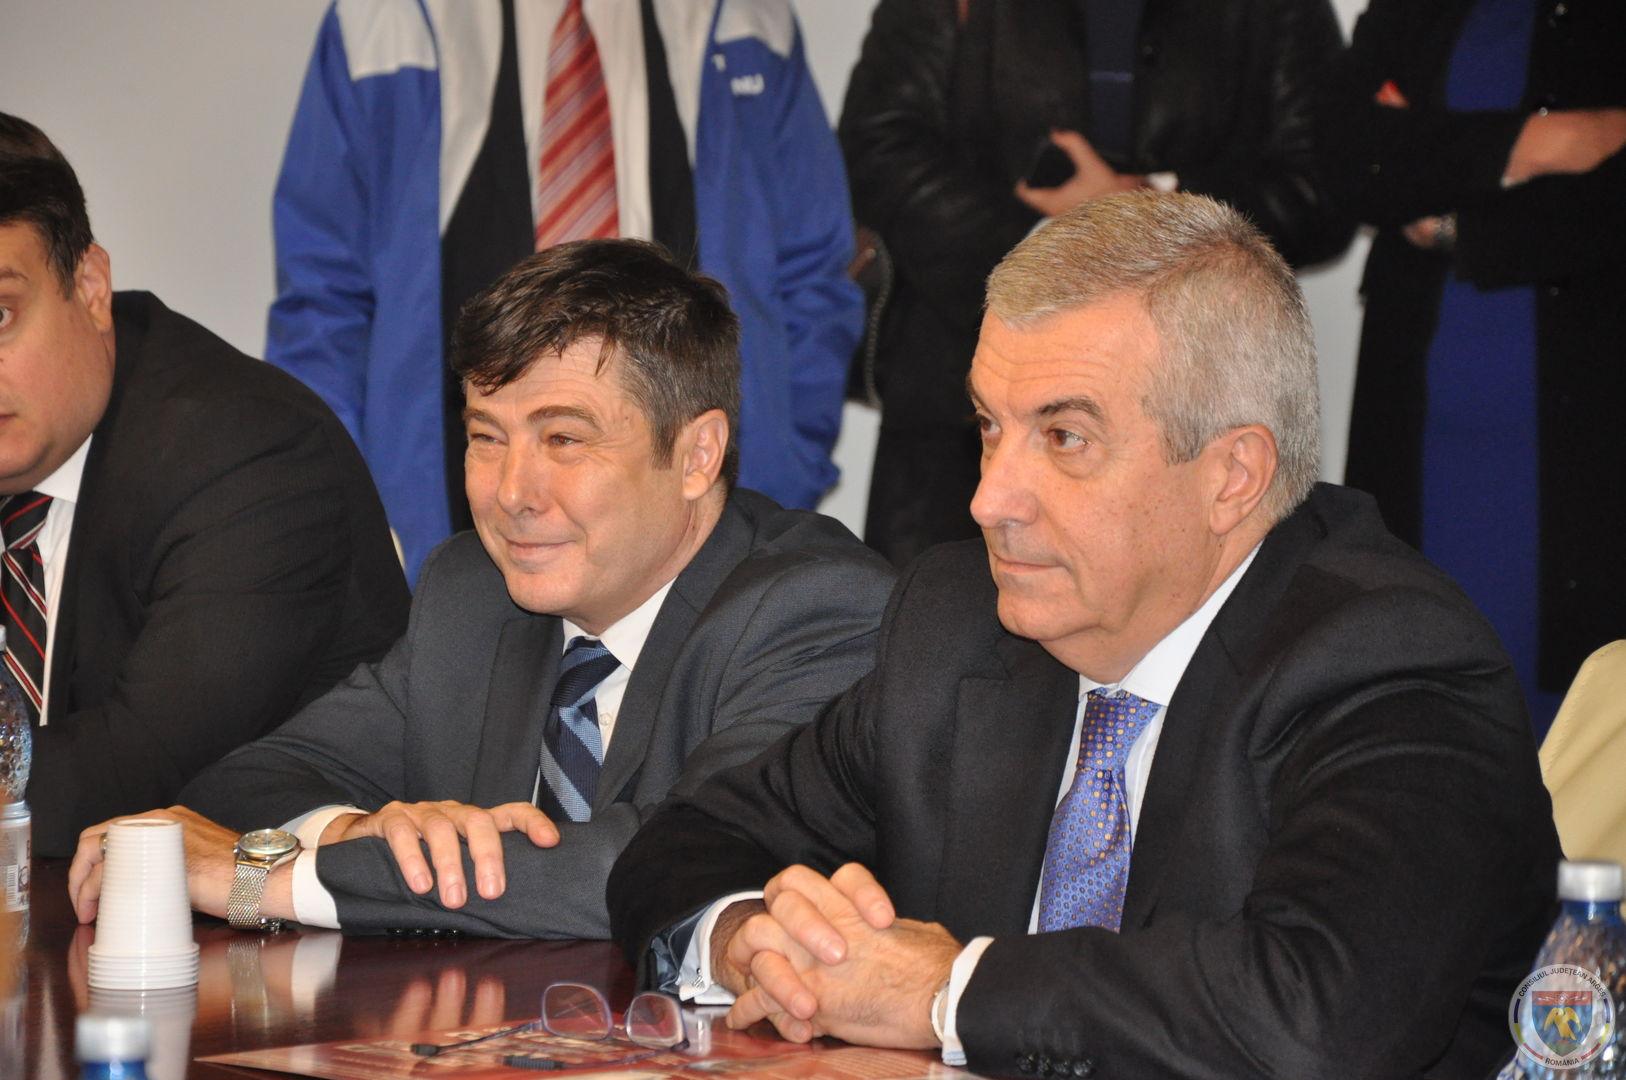 Vizita Calin Popescu Tariceanu 11.11.2014 (4).JPG